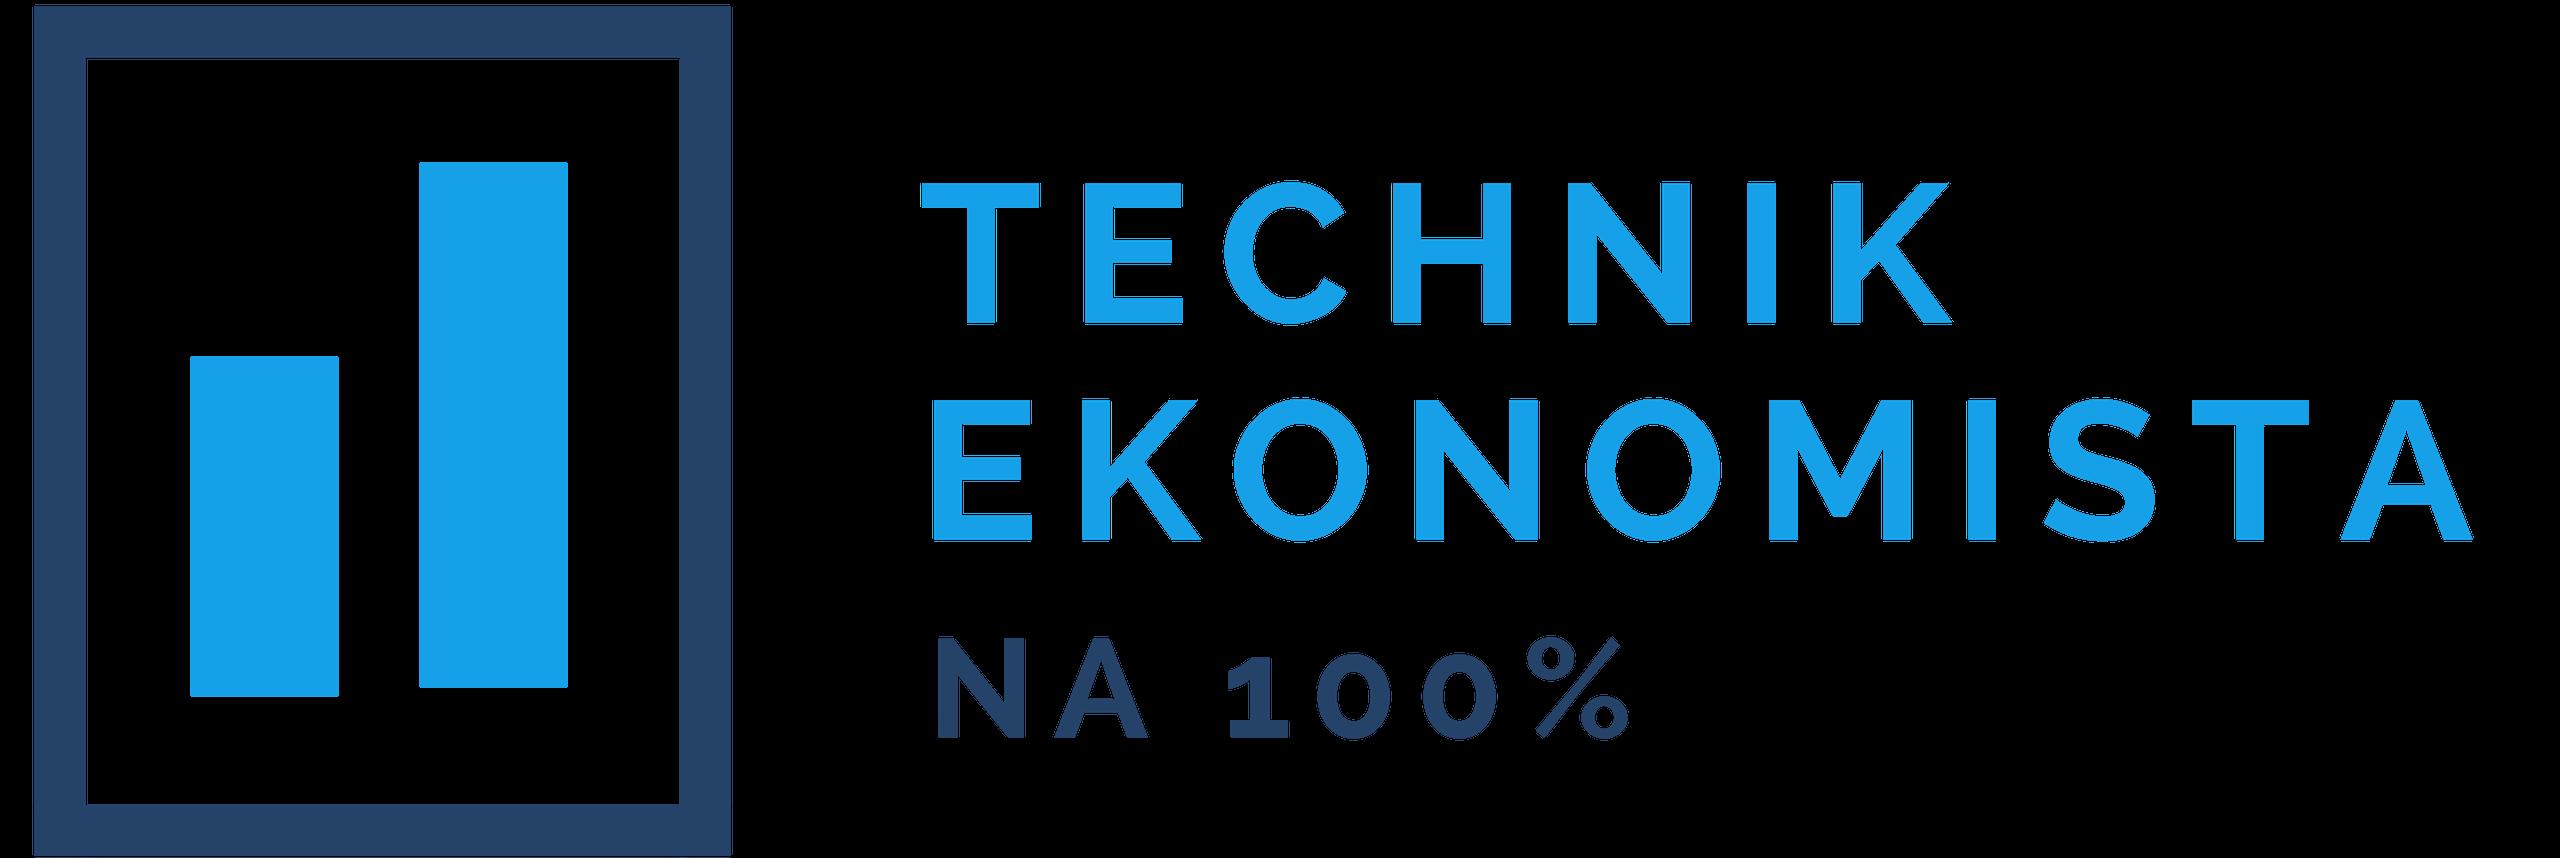 Technik ekonomista na 100%